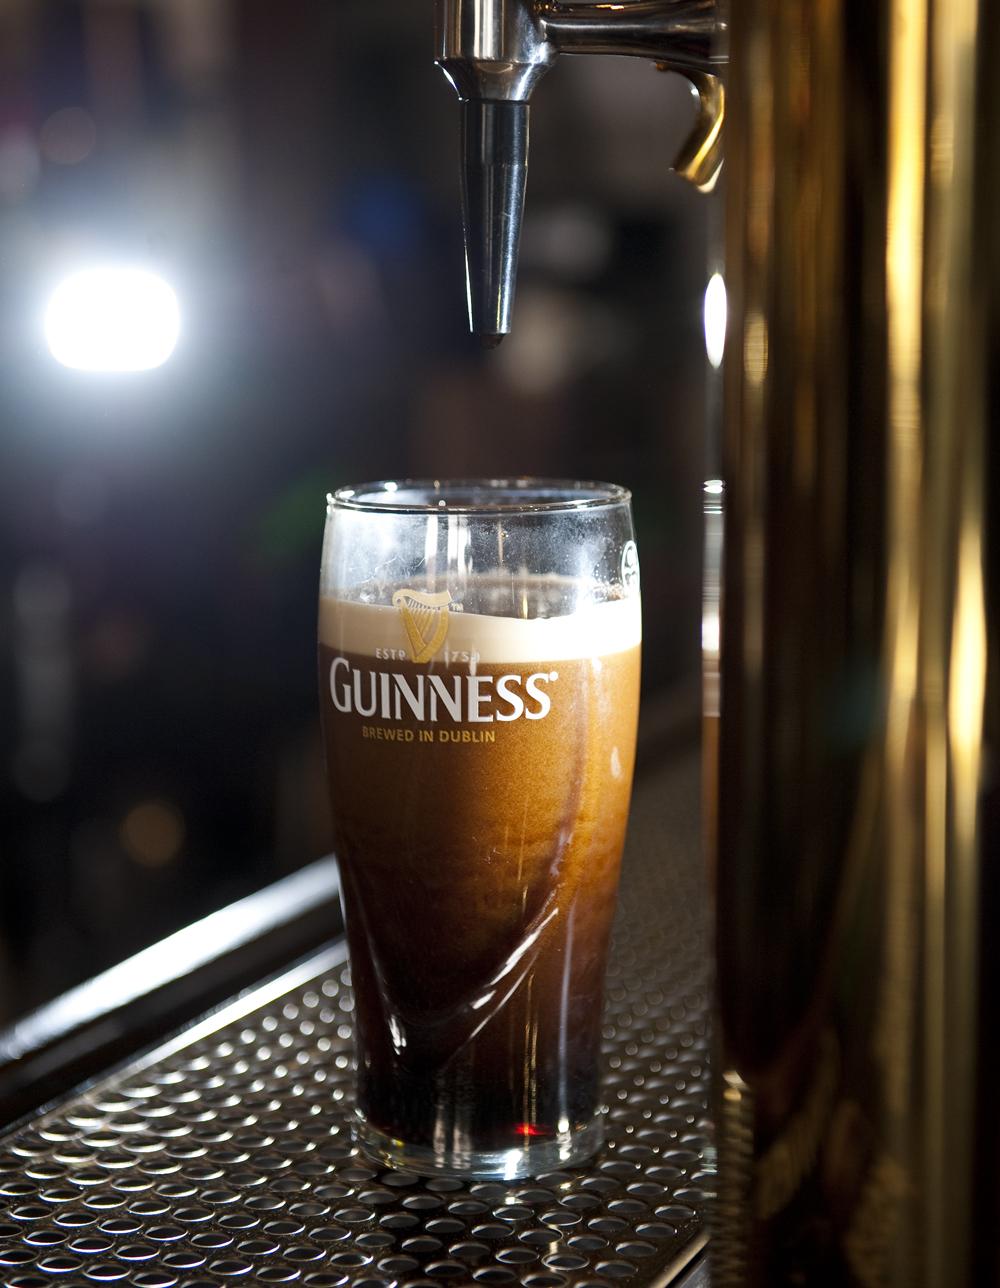 Guinness_3_0856.jpg